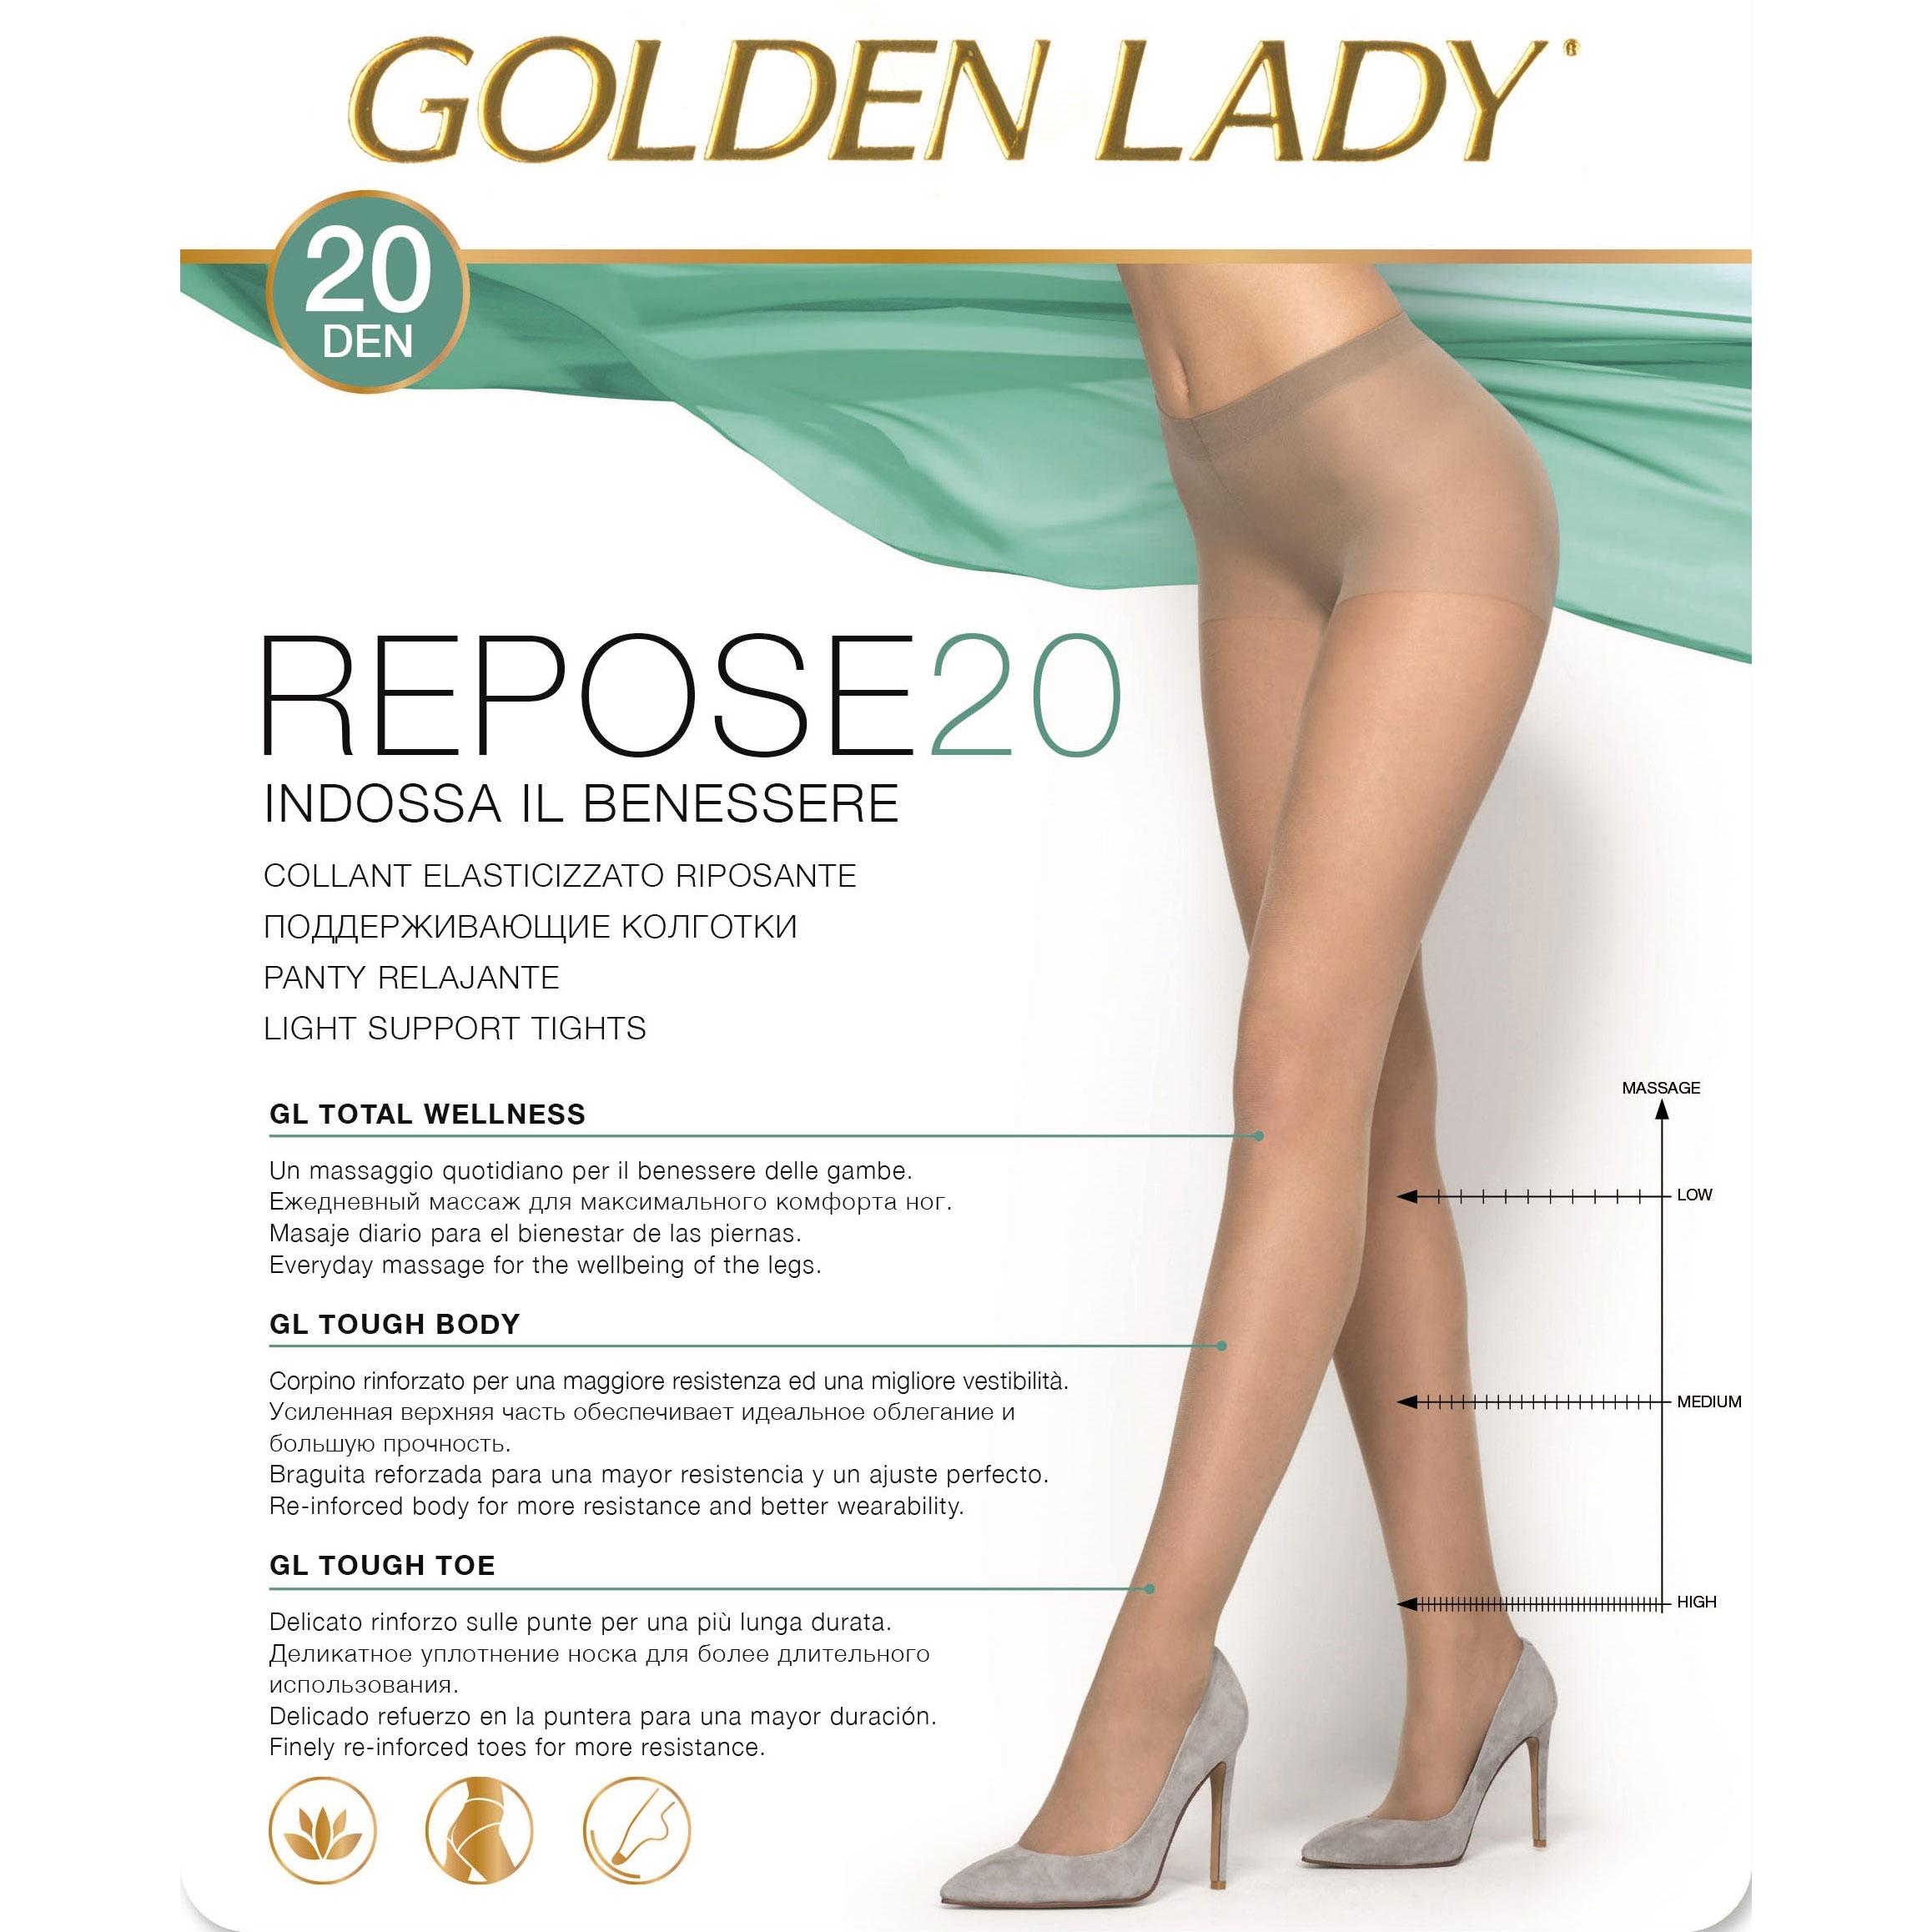 DA 5 PAIA COLLANT GOLDEN LADY REPOSE 20 DENARI EFFETTO RIPOSANTE CONF